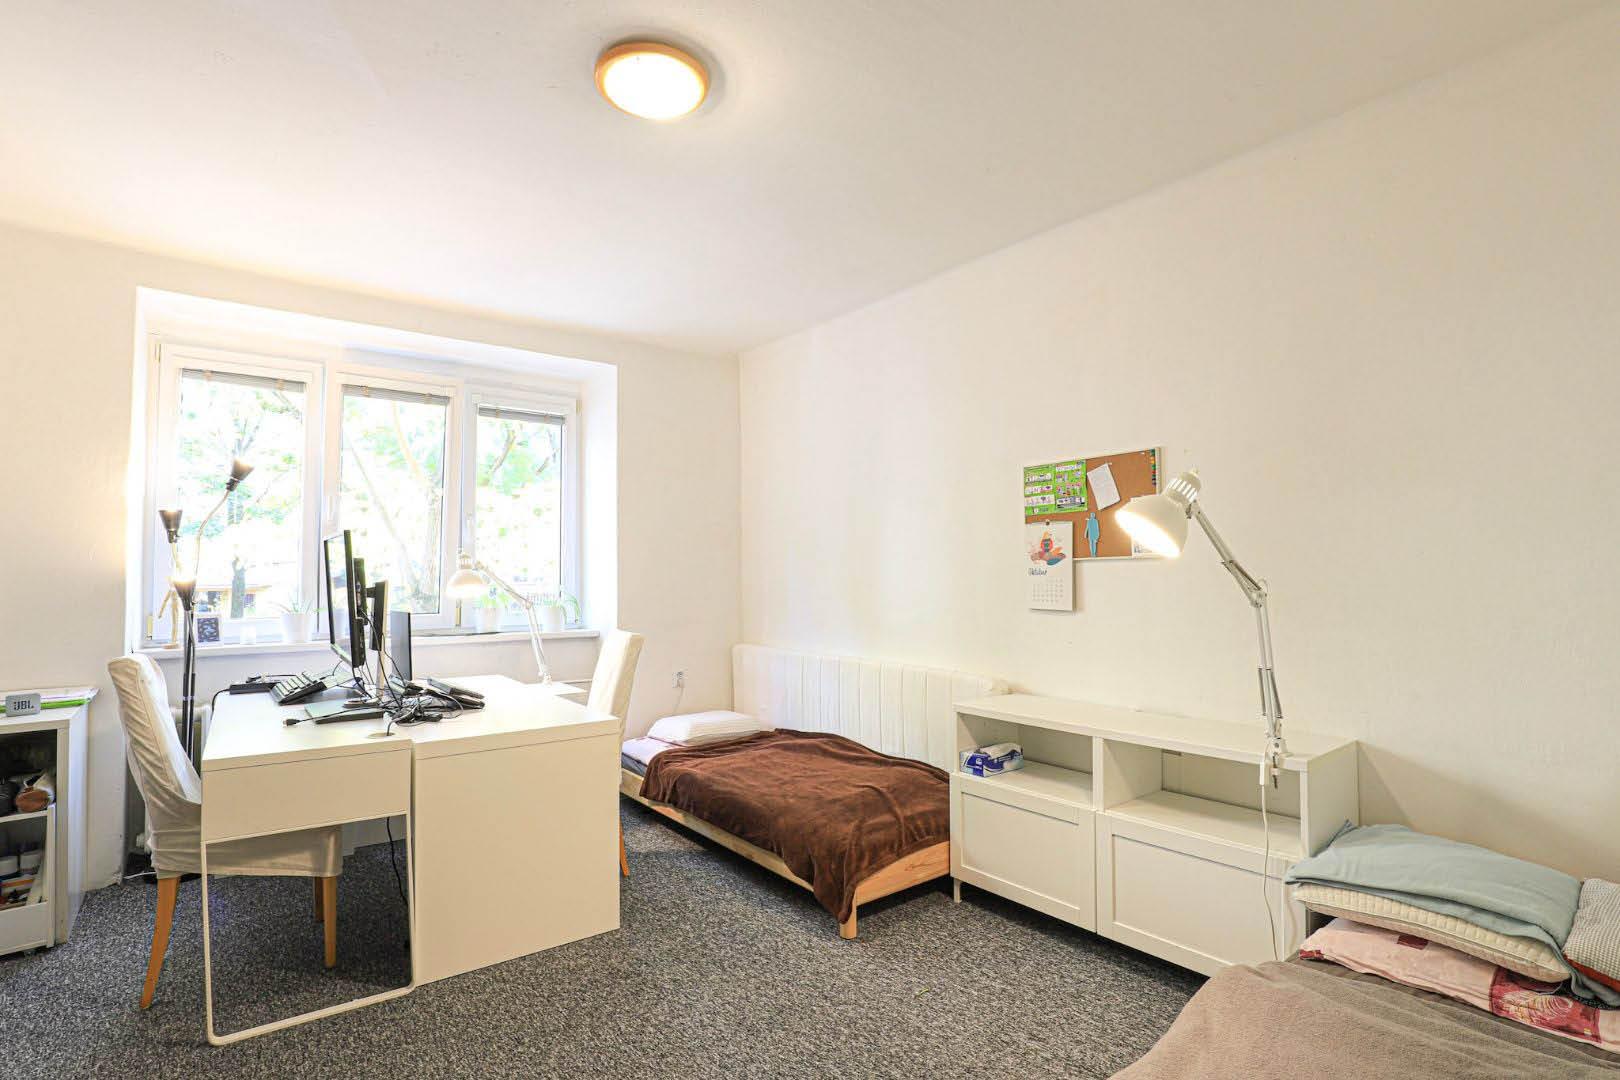 PRENAJATÉ | 2 izbový byt | Blumentál, Bratislava